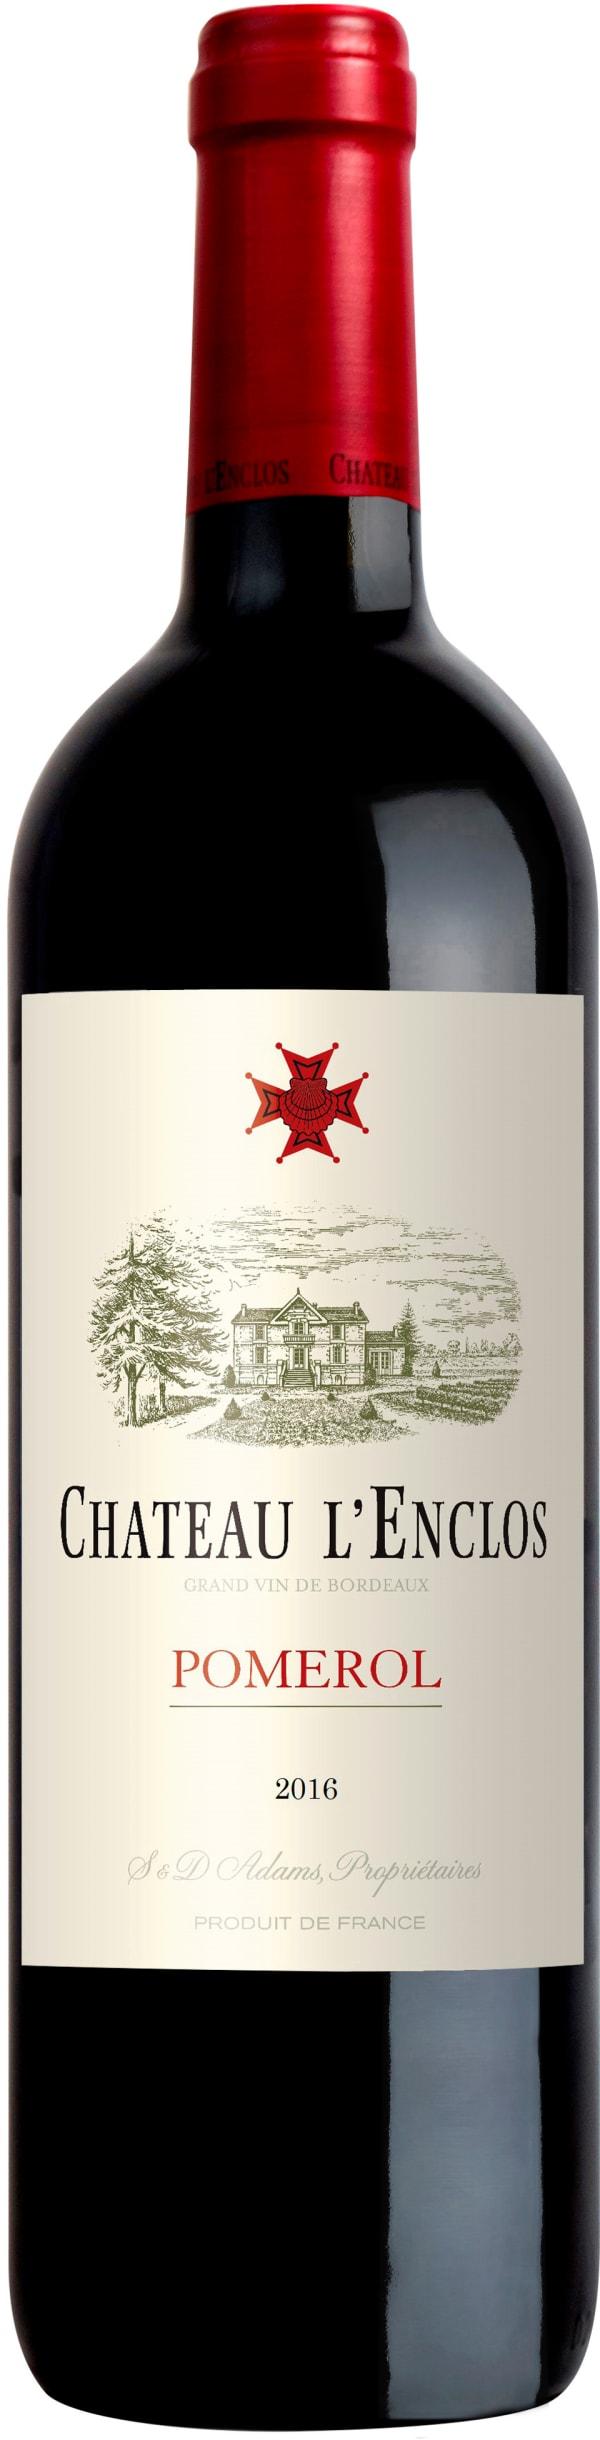 Château L'Enclos 2016